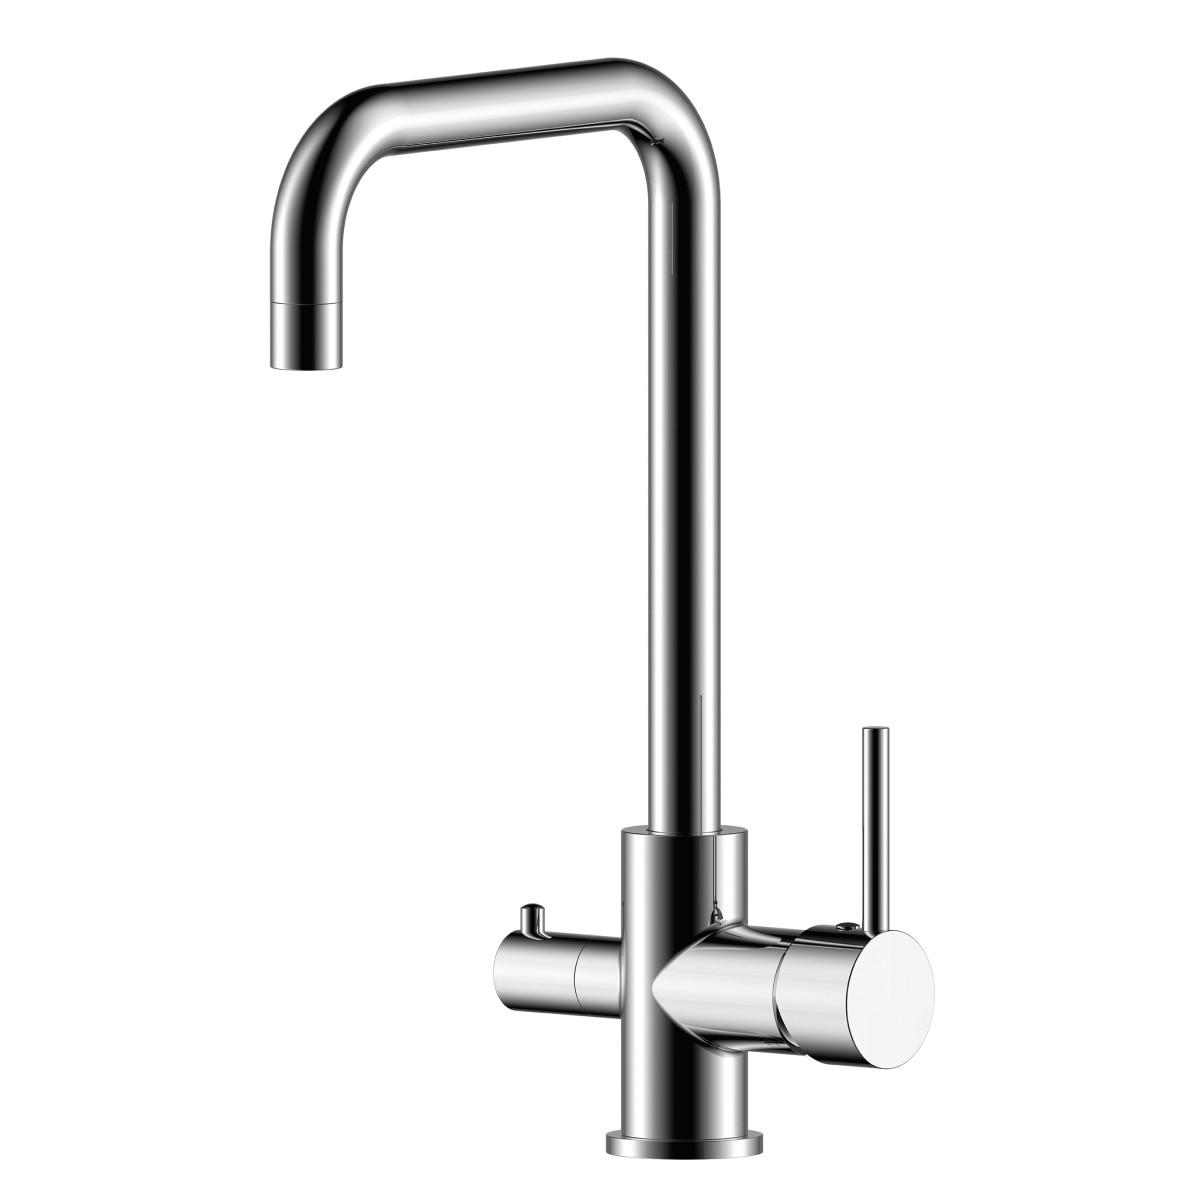 Смеситель Rossinka Silvermix Z35-29 для кухни 2 в 1: кухня+кран для чистой воды